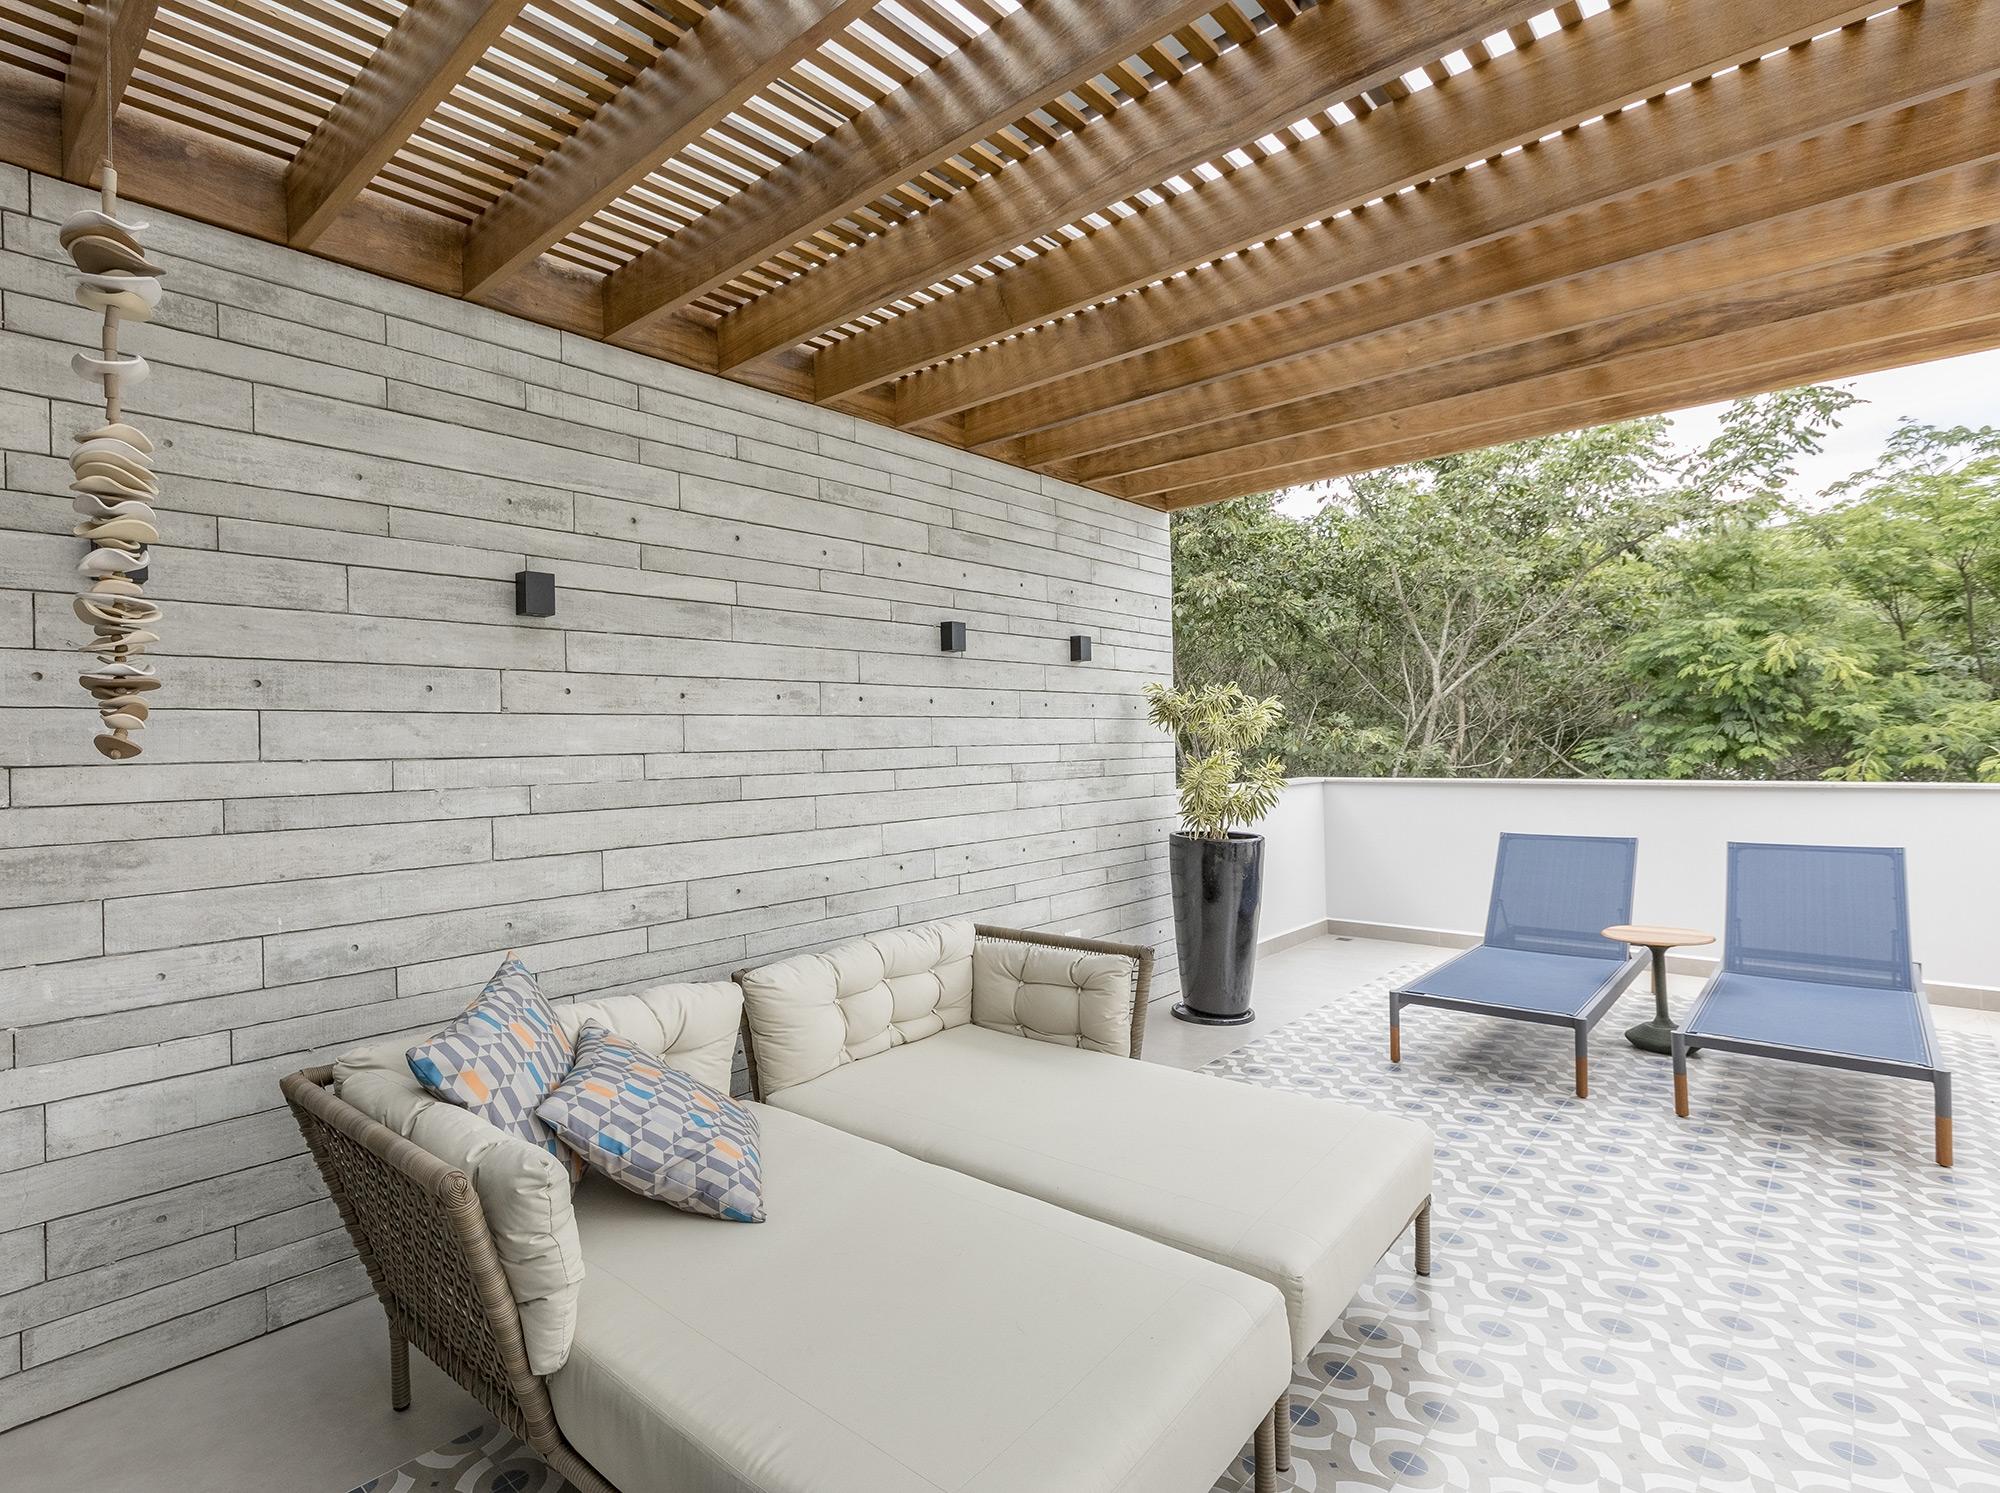 Revesimento Apparente no espaço de estar da Arquiteta Raquel Miyatake. Foto de Rita Bonanata